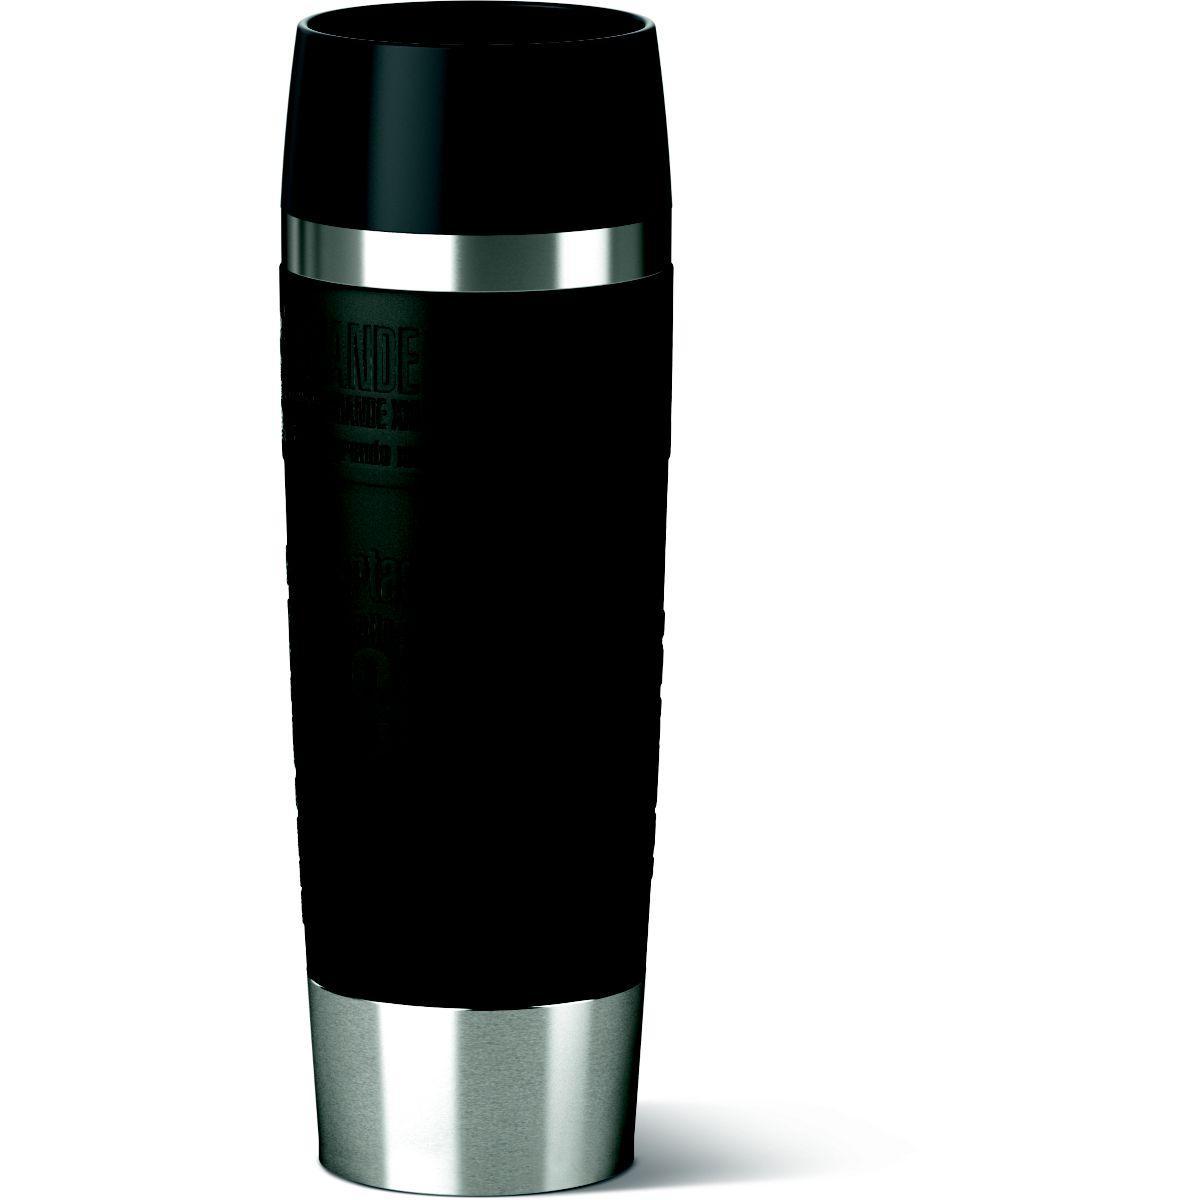 Mug emsa isotherme 0.5l inox/noir - 20% de remise immédiate avec le code : cash20 (photo)